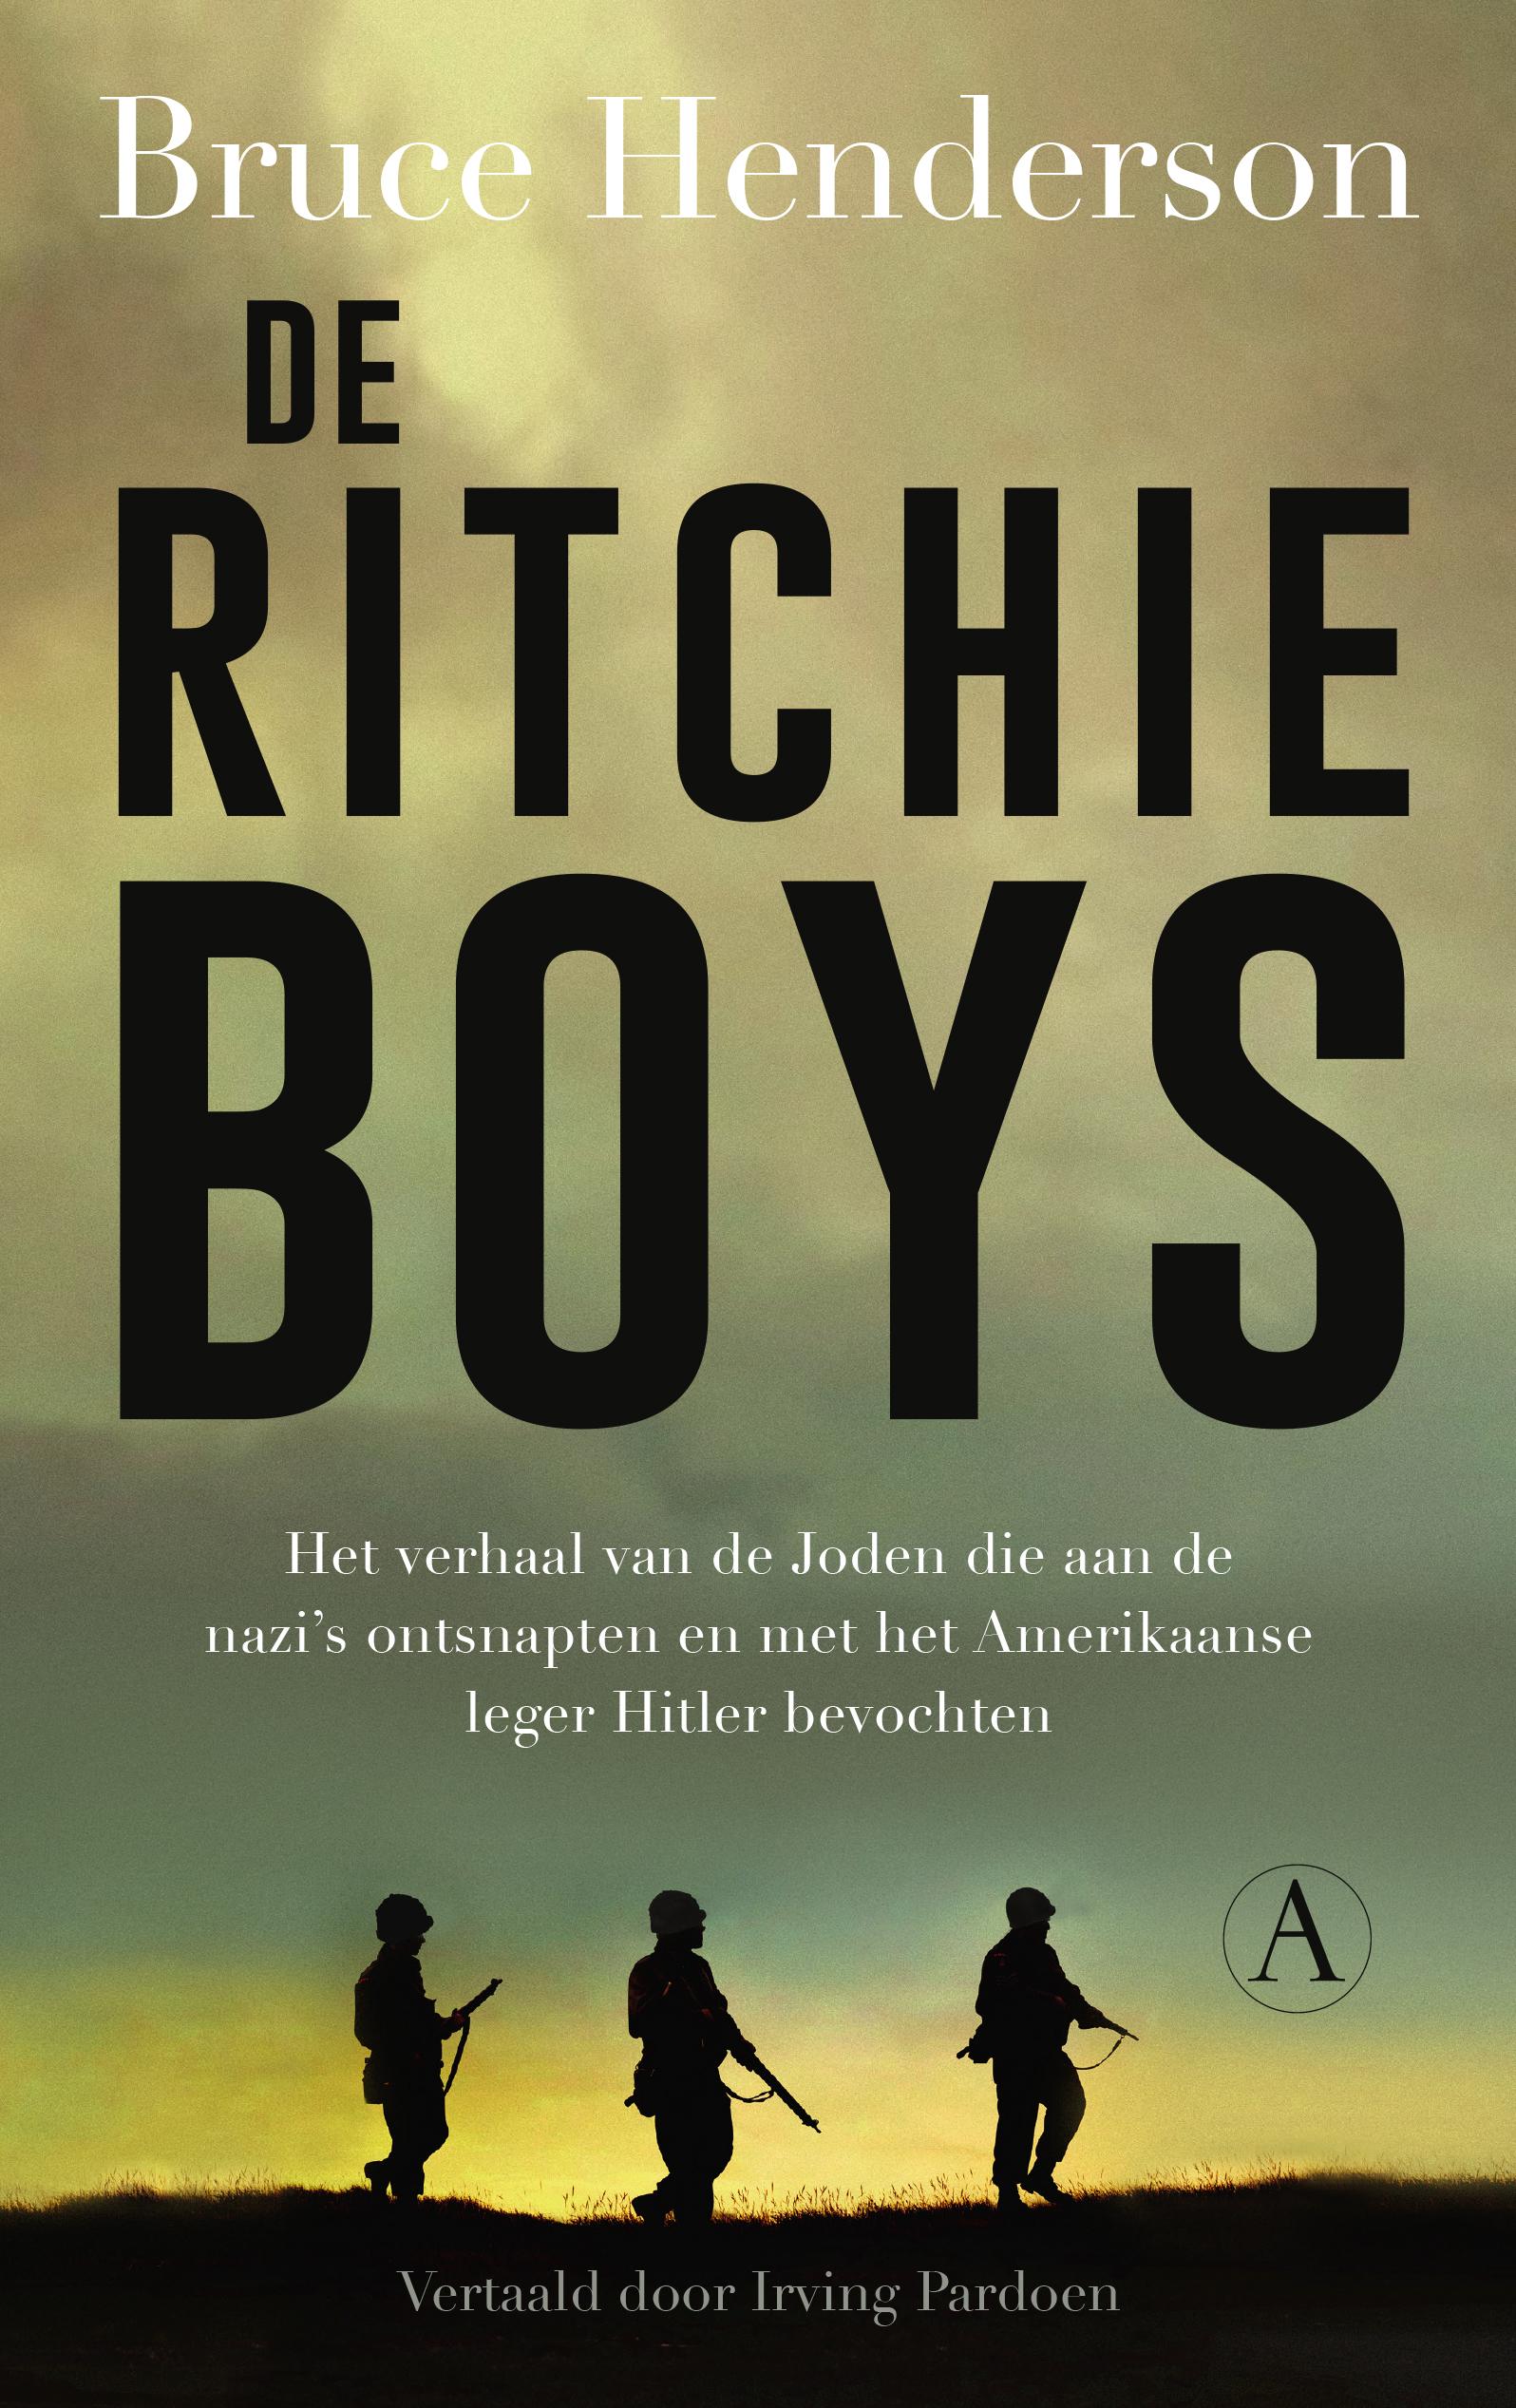 De Ritchie Boys - boekenflits.nl - boekrecensie